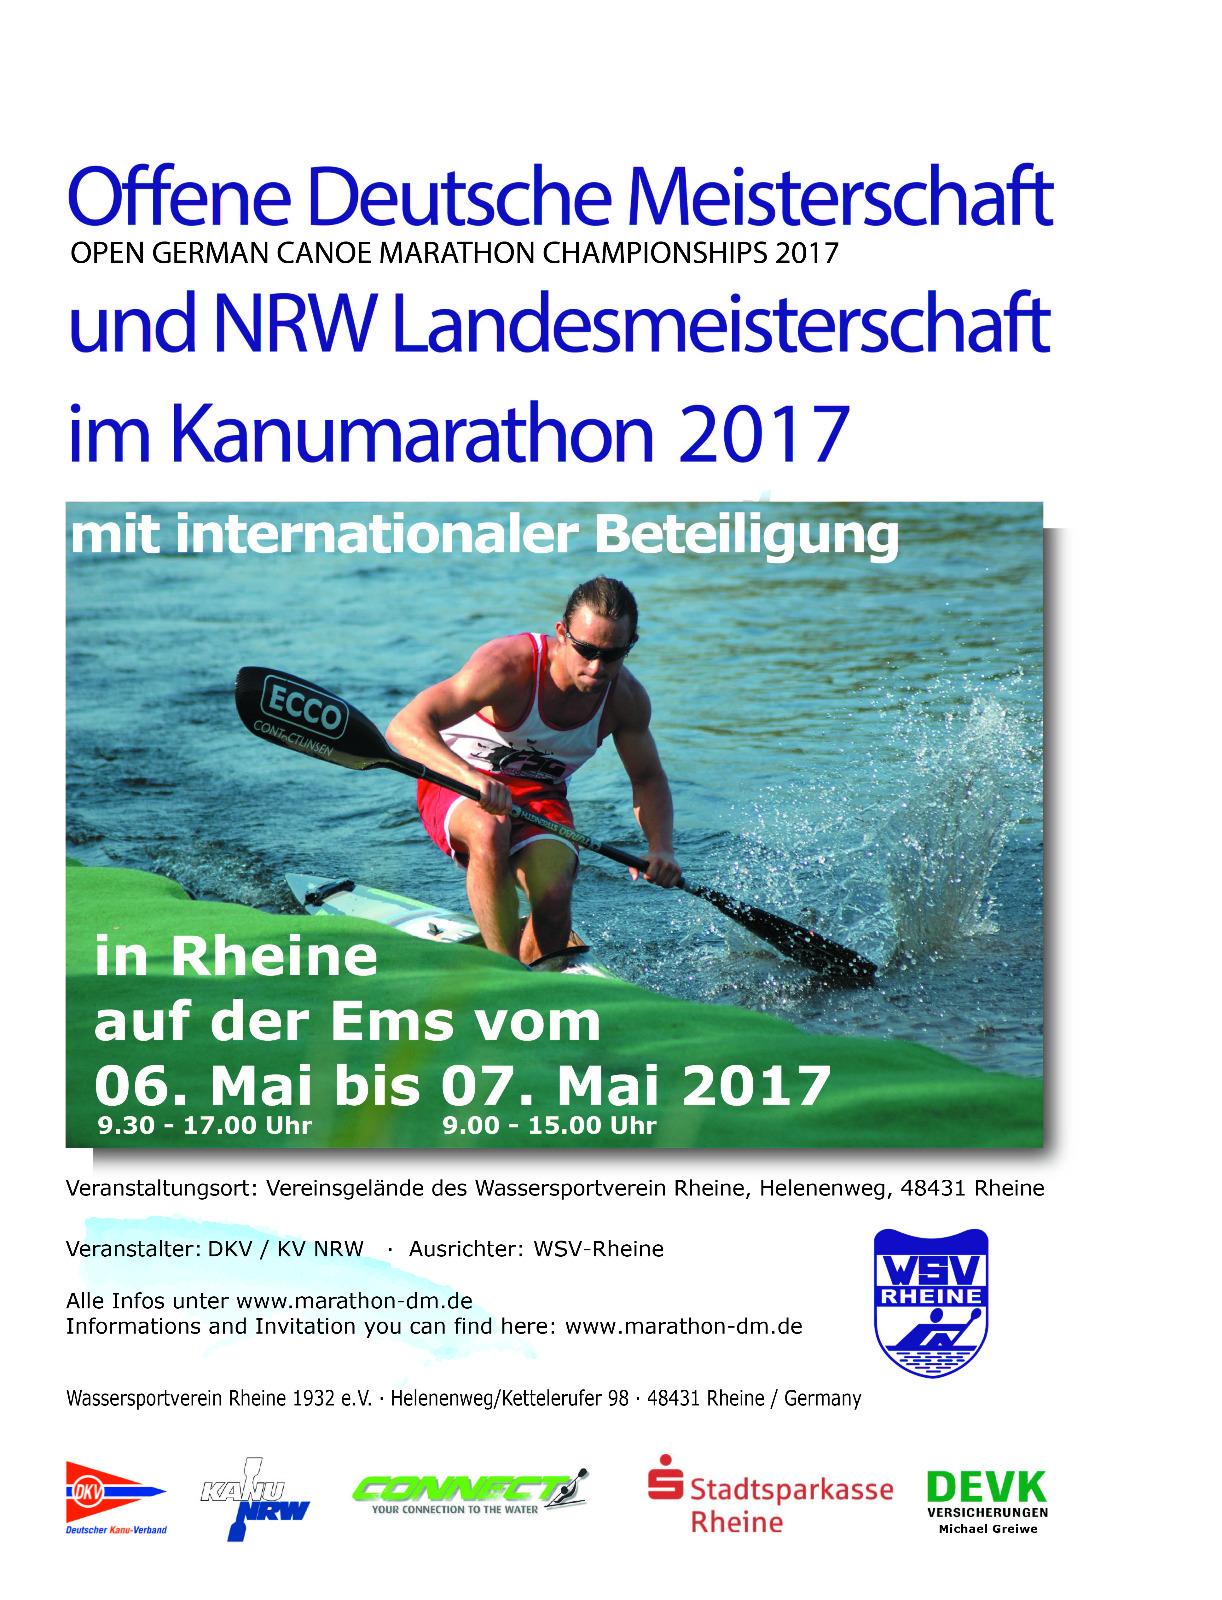 Kanu-Marathon 2017 in Rheine